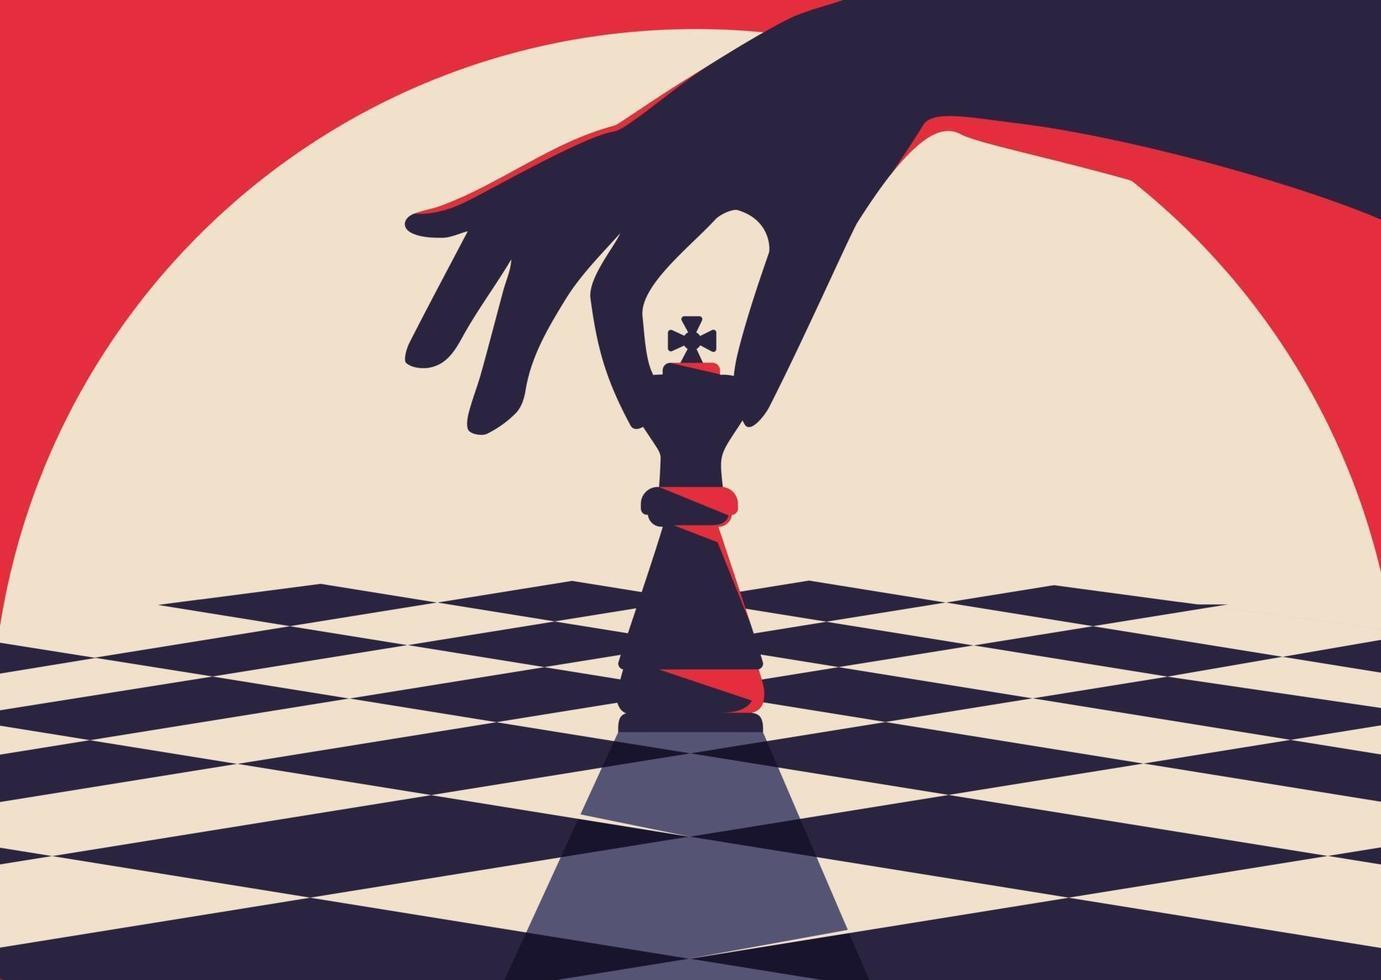 Plantilla de banner con mano sujetando pieza de ajedrez. vector